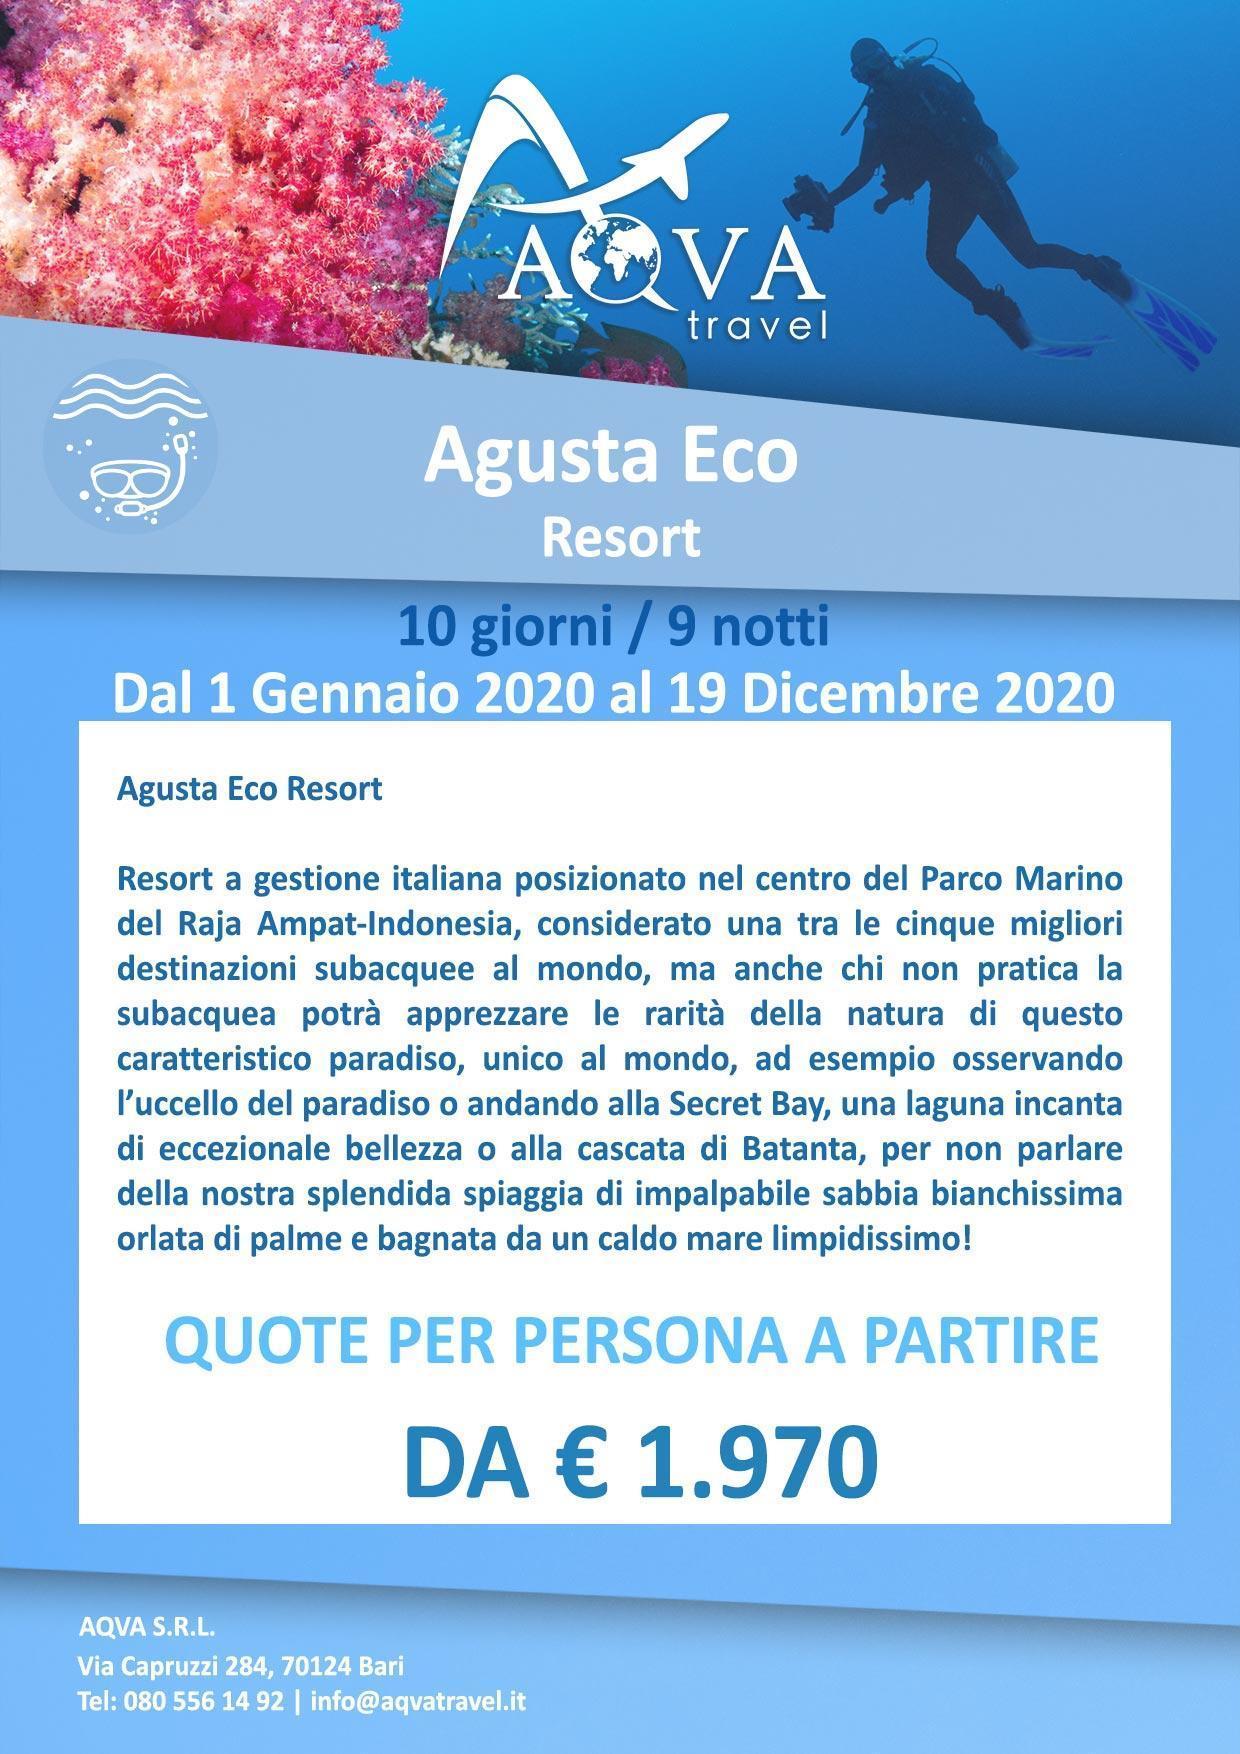 Subacquea-Agusta-Eco-Resort-subacquea-offerte-agenzia-di-viaggi-Bari-AQVATRAVEL-it